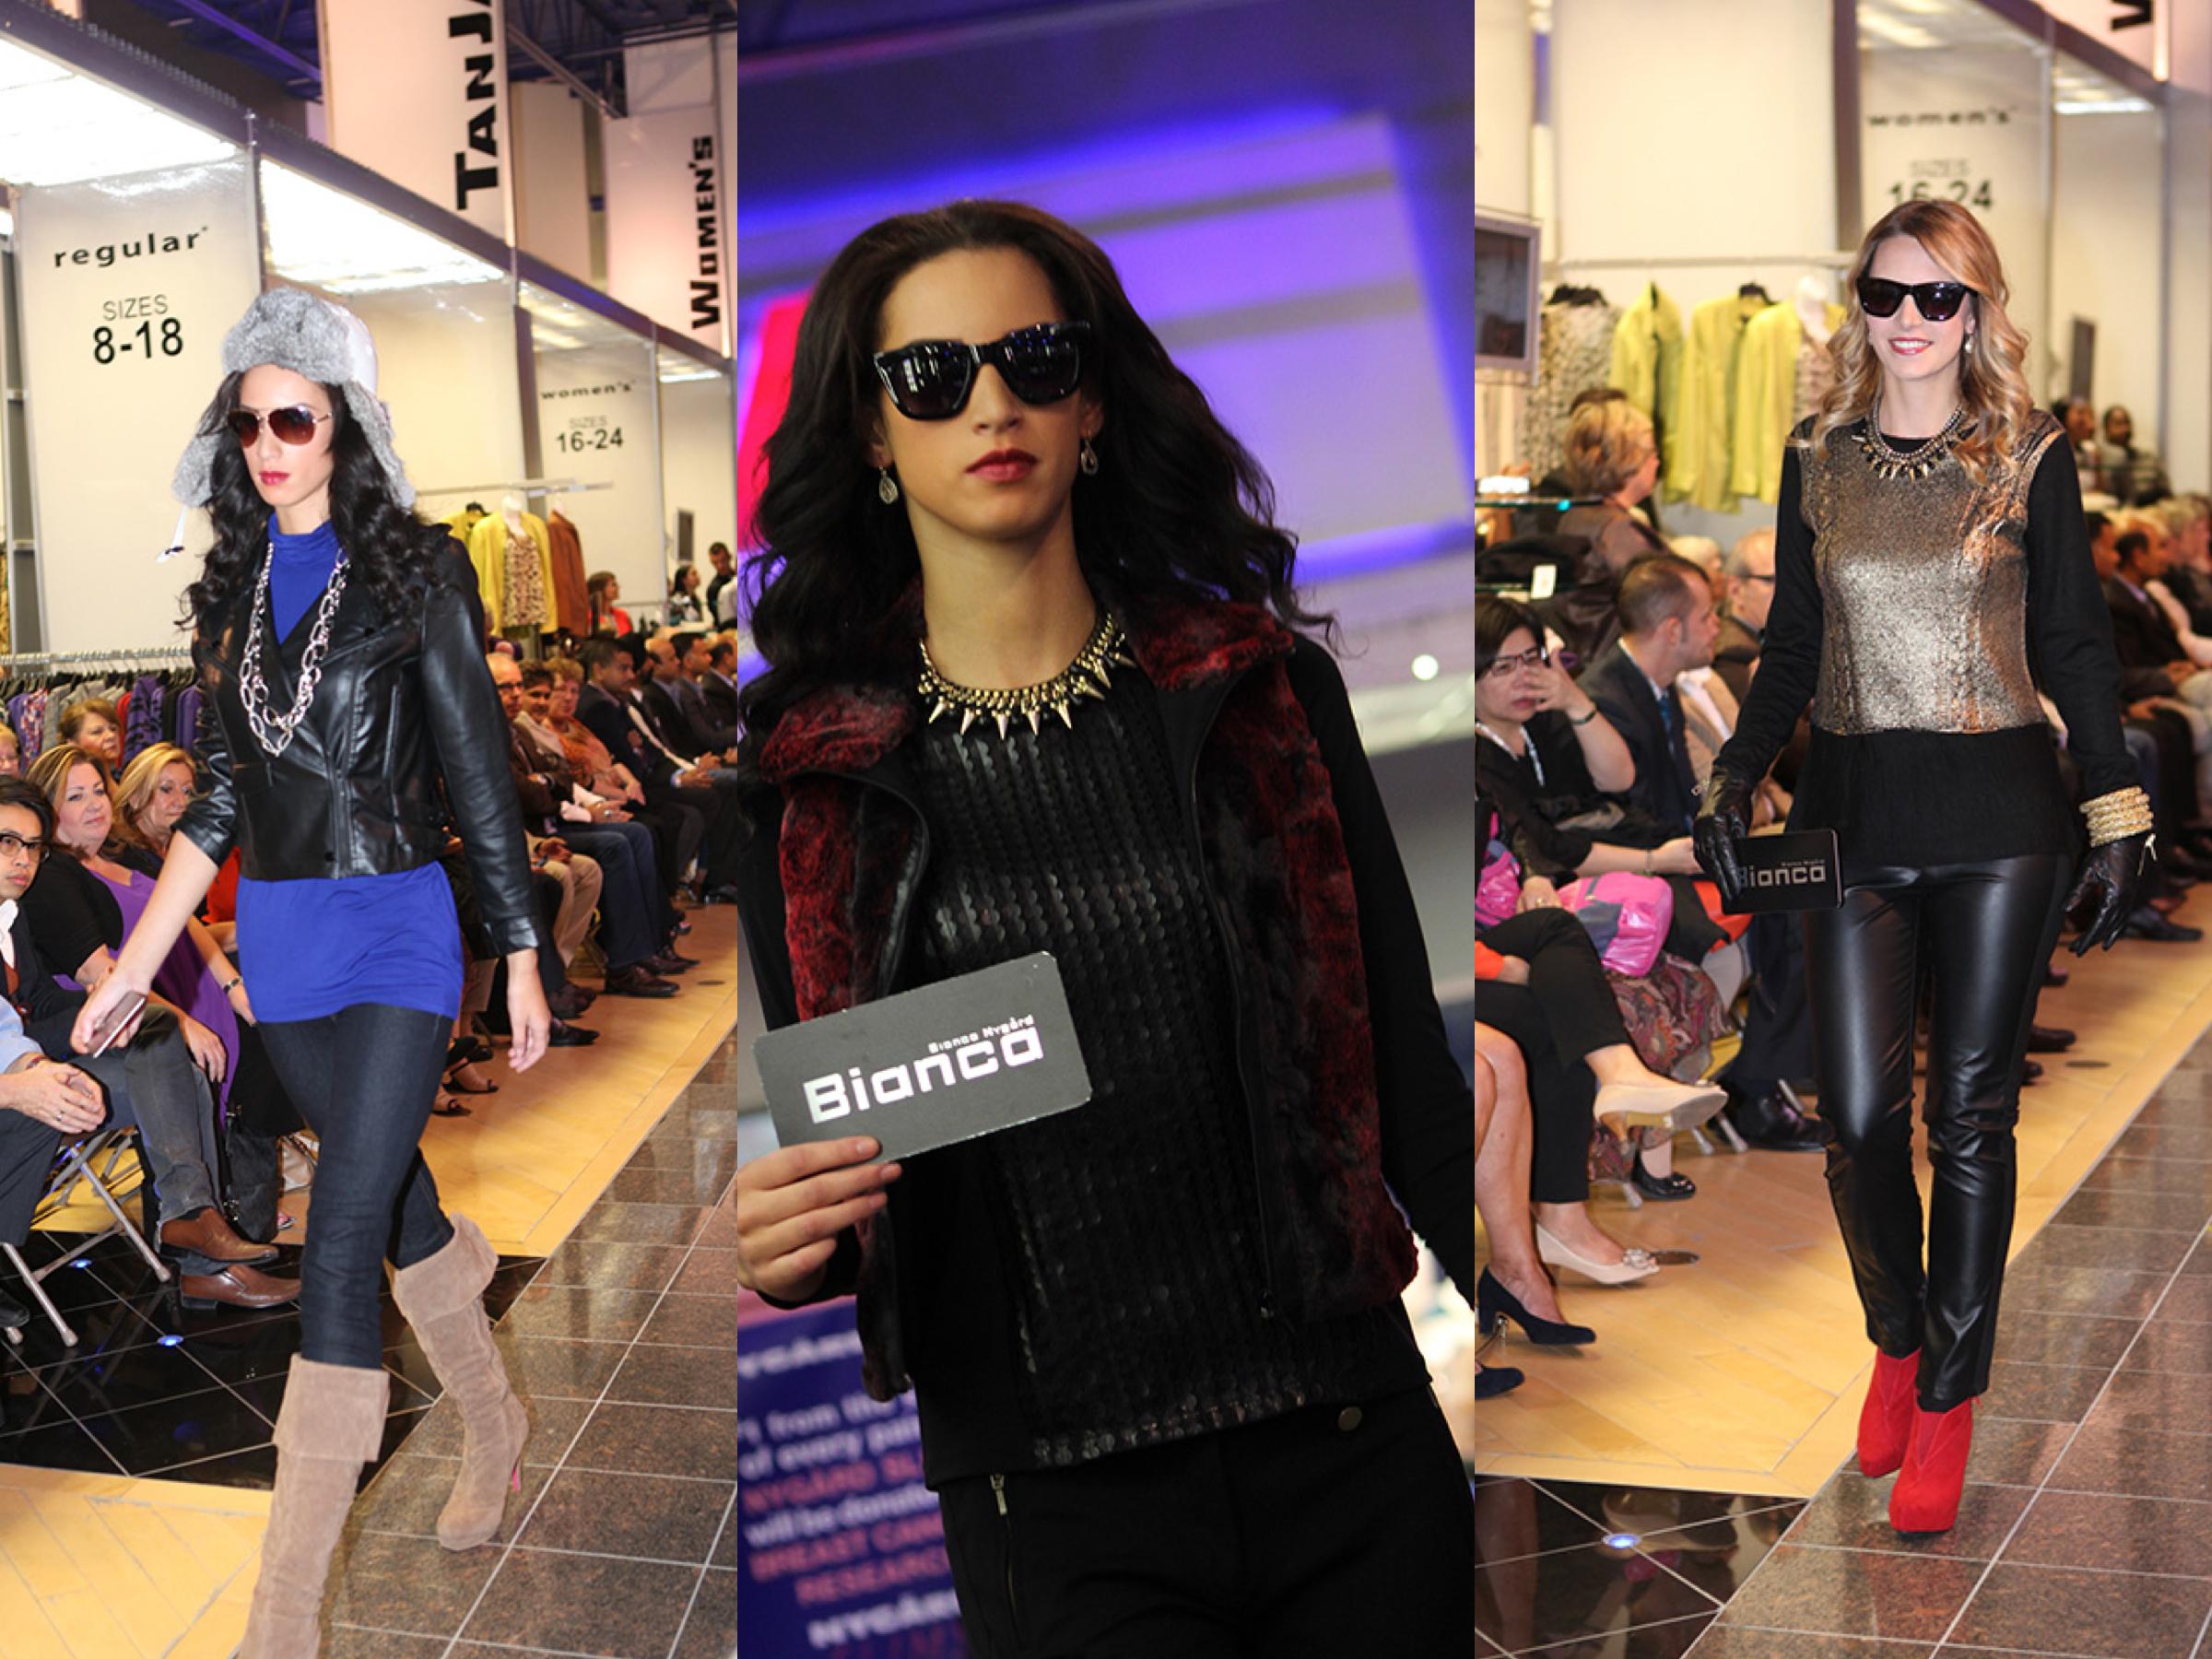 Nygard models